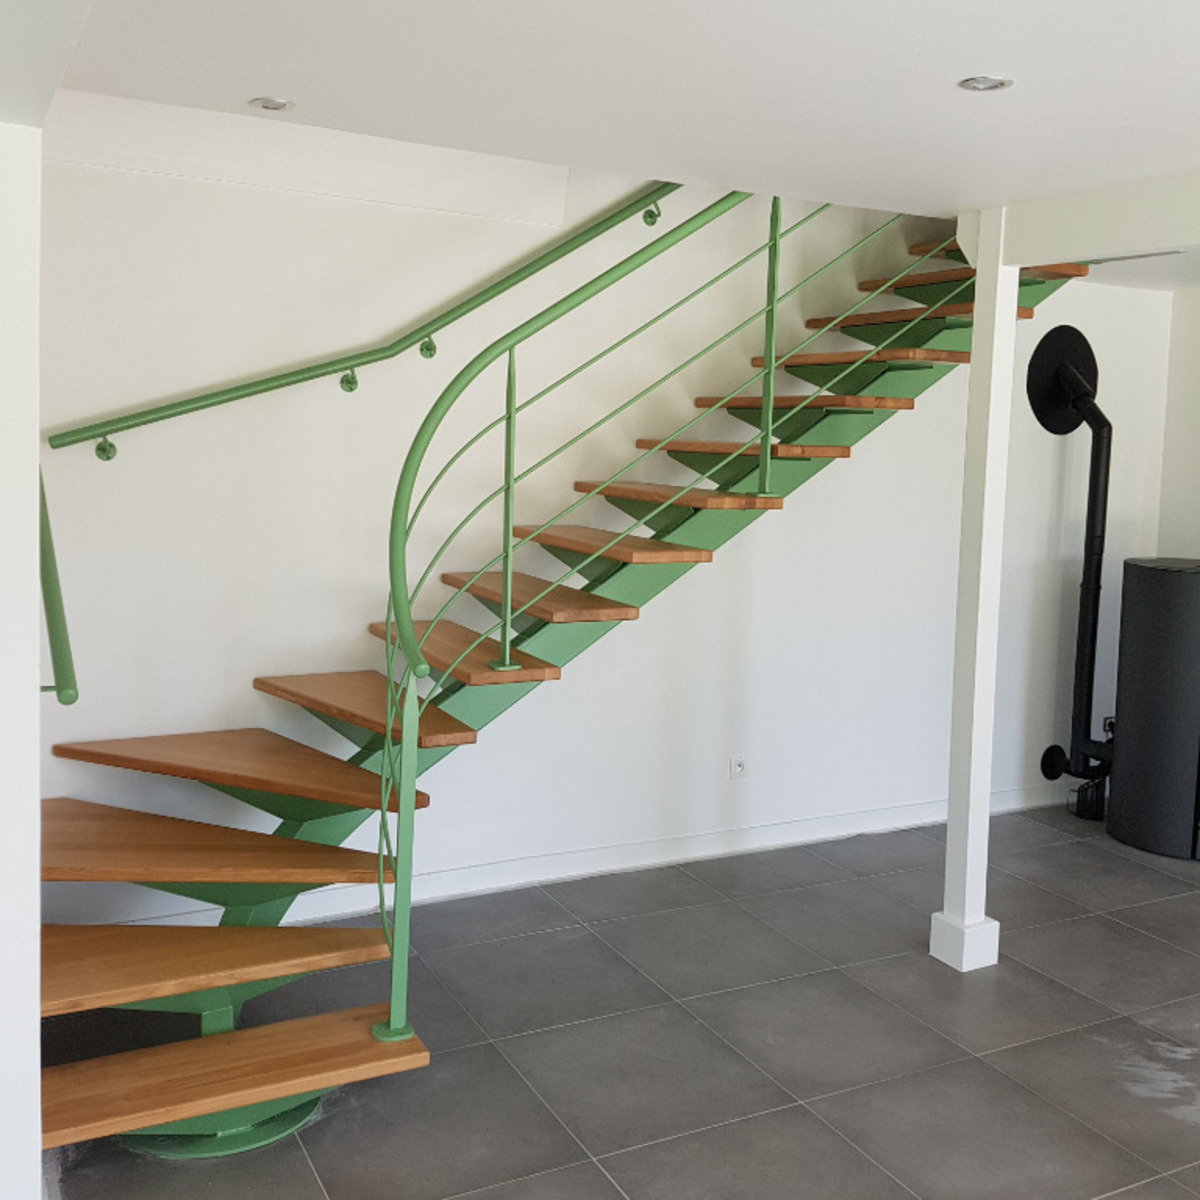 Installez une rampe d'escalier en Normandie pour apporter sécurité, propreté et style